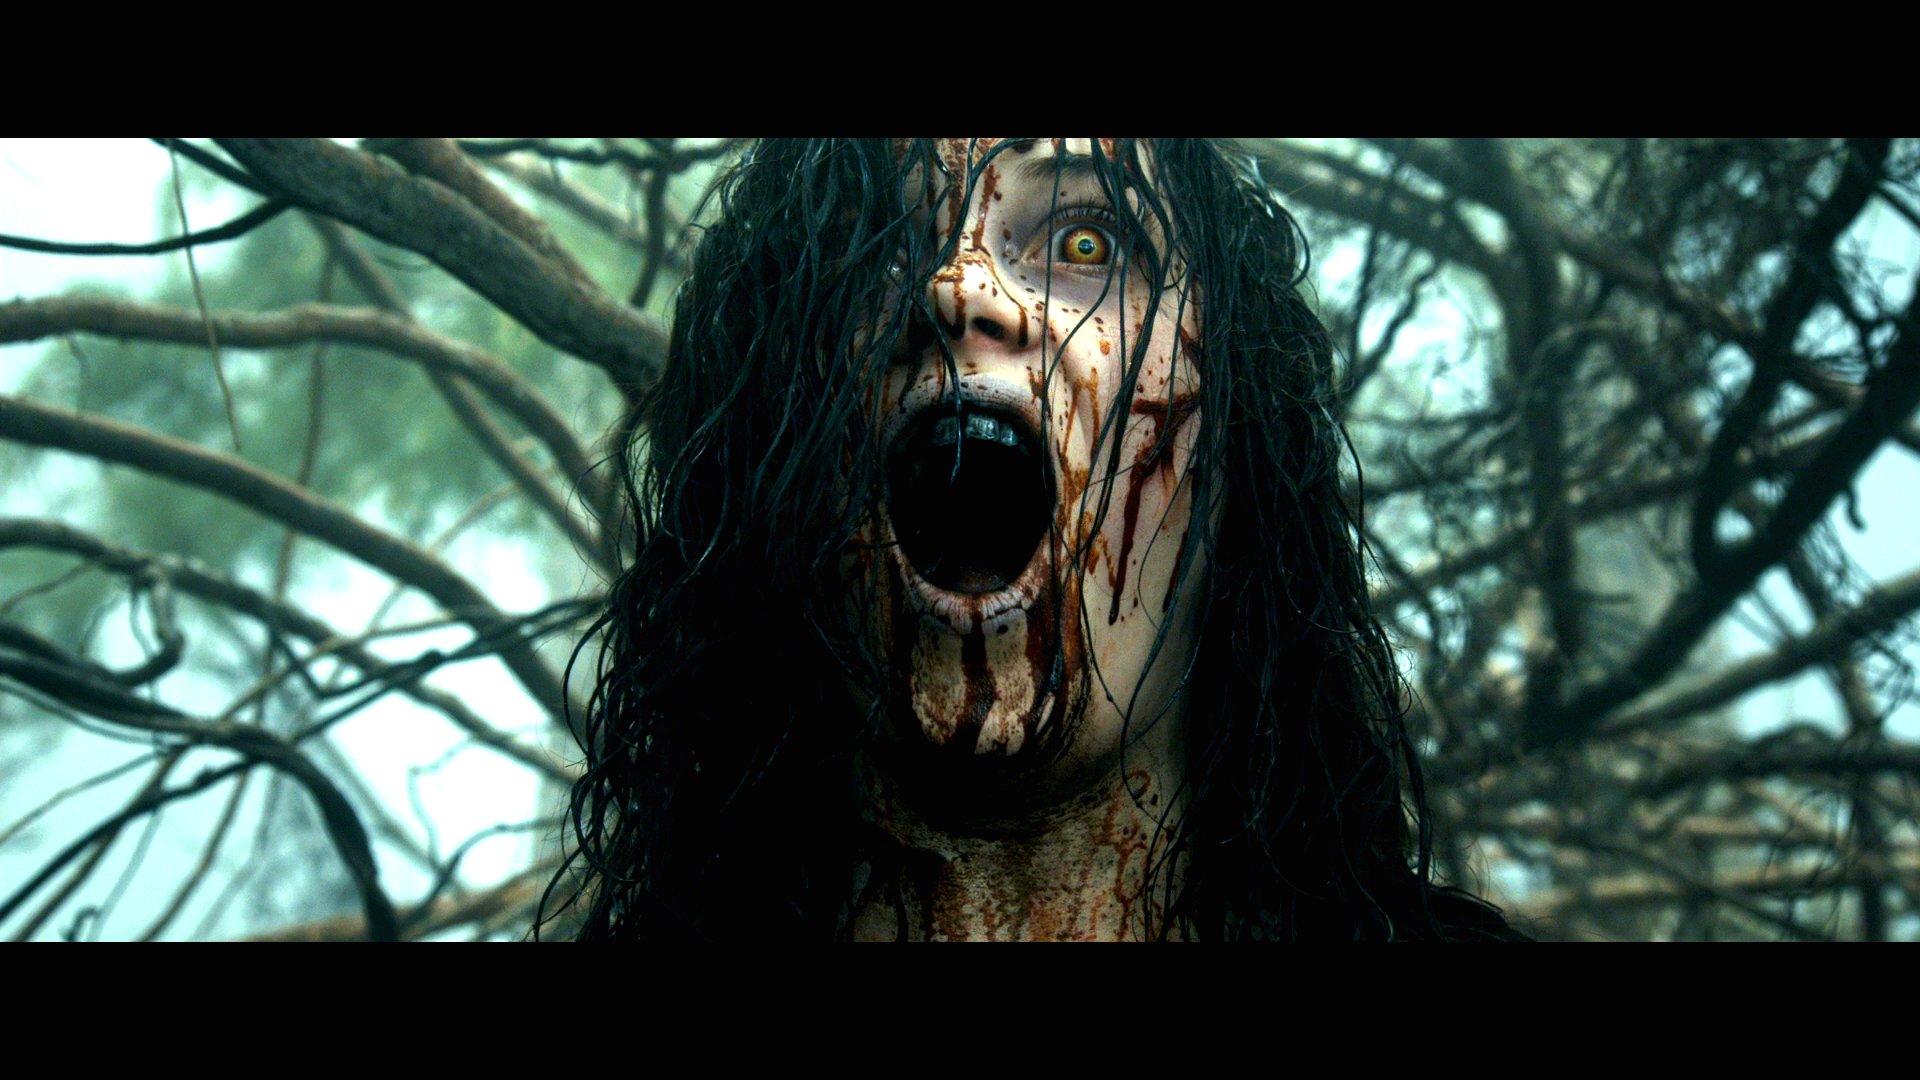 EVIL DEAD Horror Dark Zombie Blood Dw Wallpaper